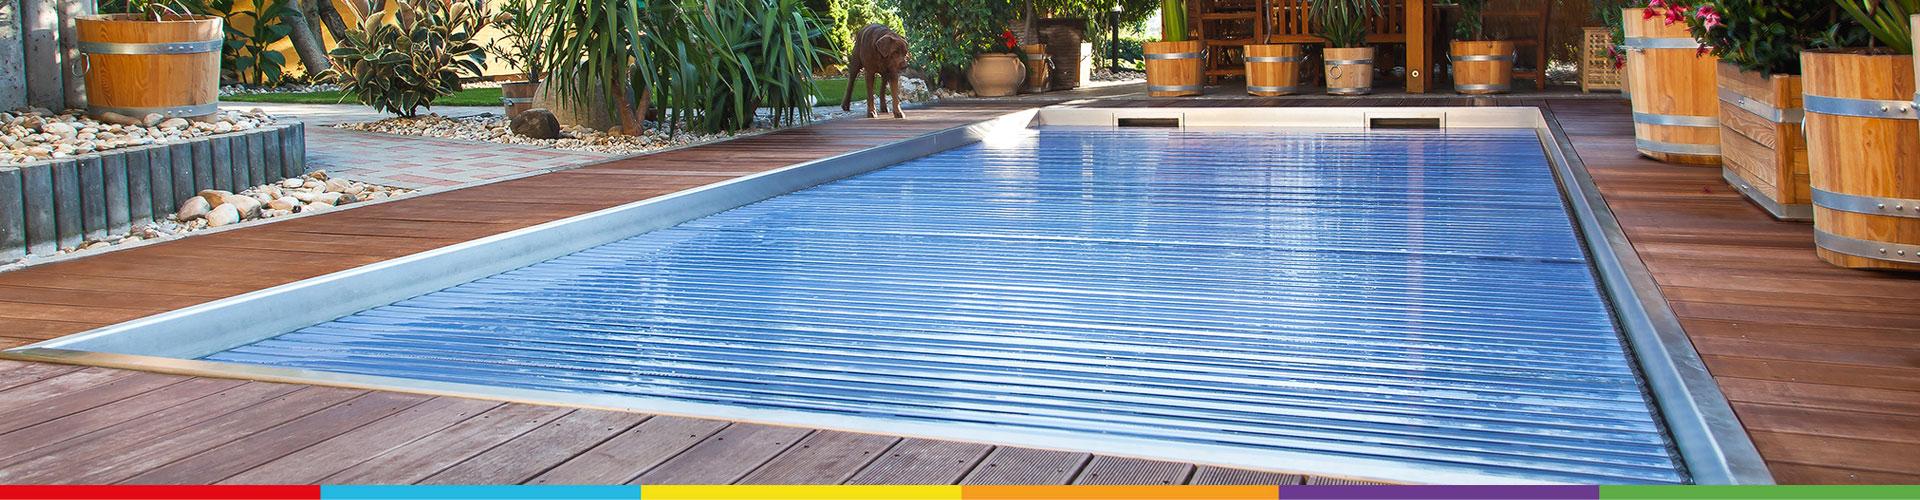 Vid os aquacover couvertures volets de s curit for Accessoire piscine namur